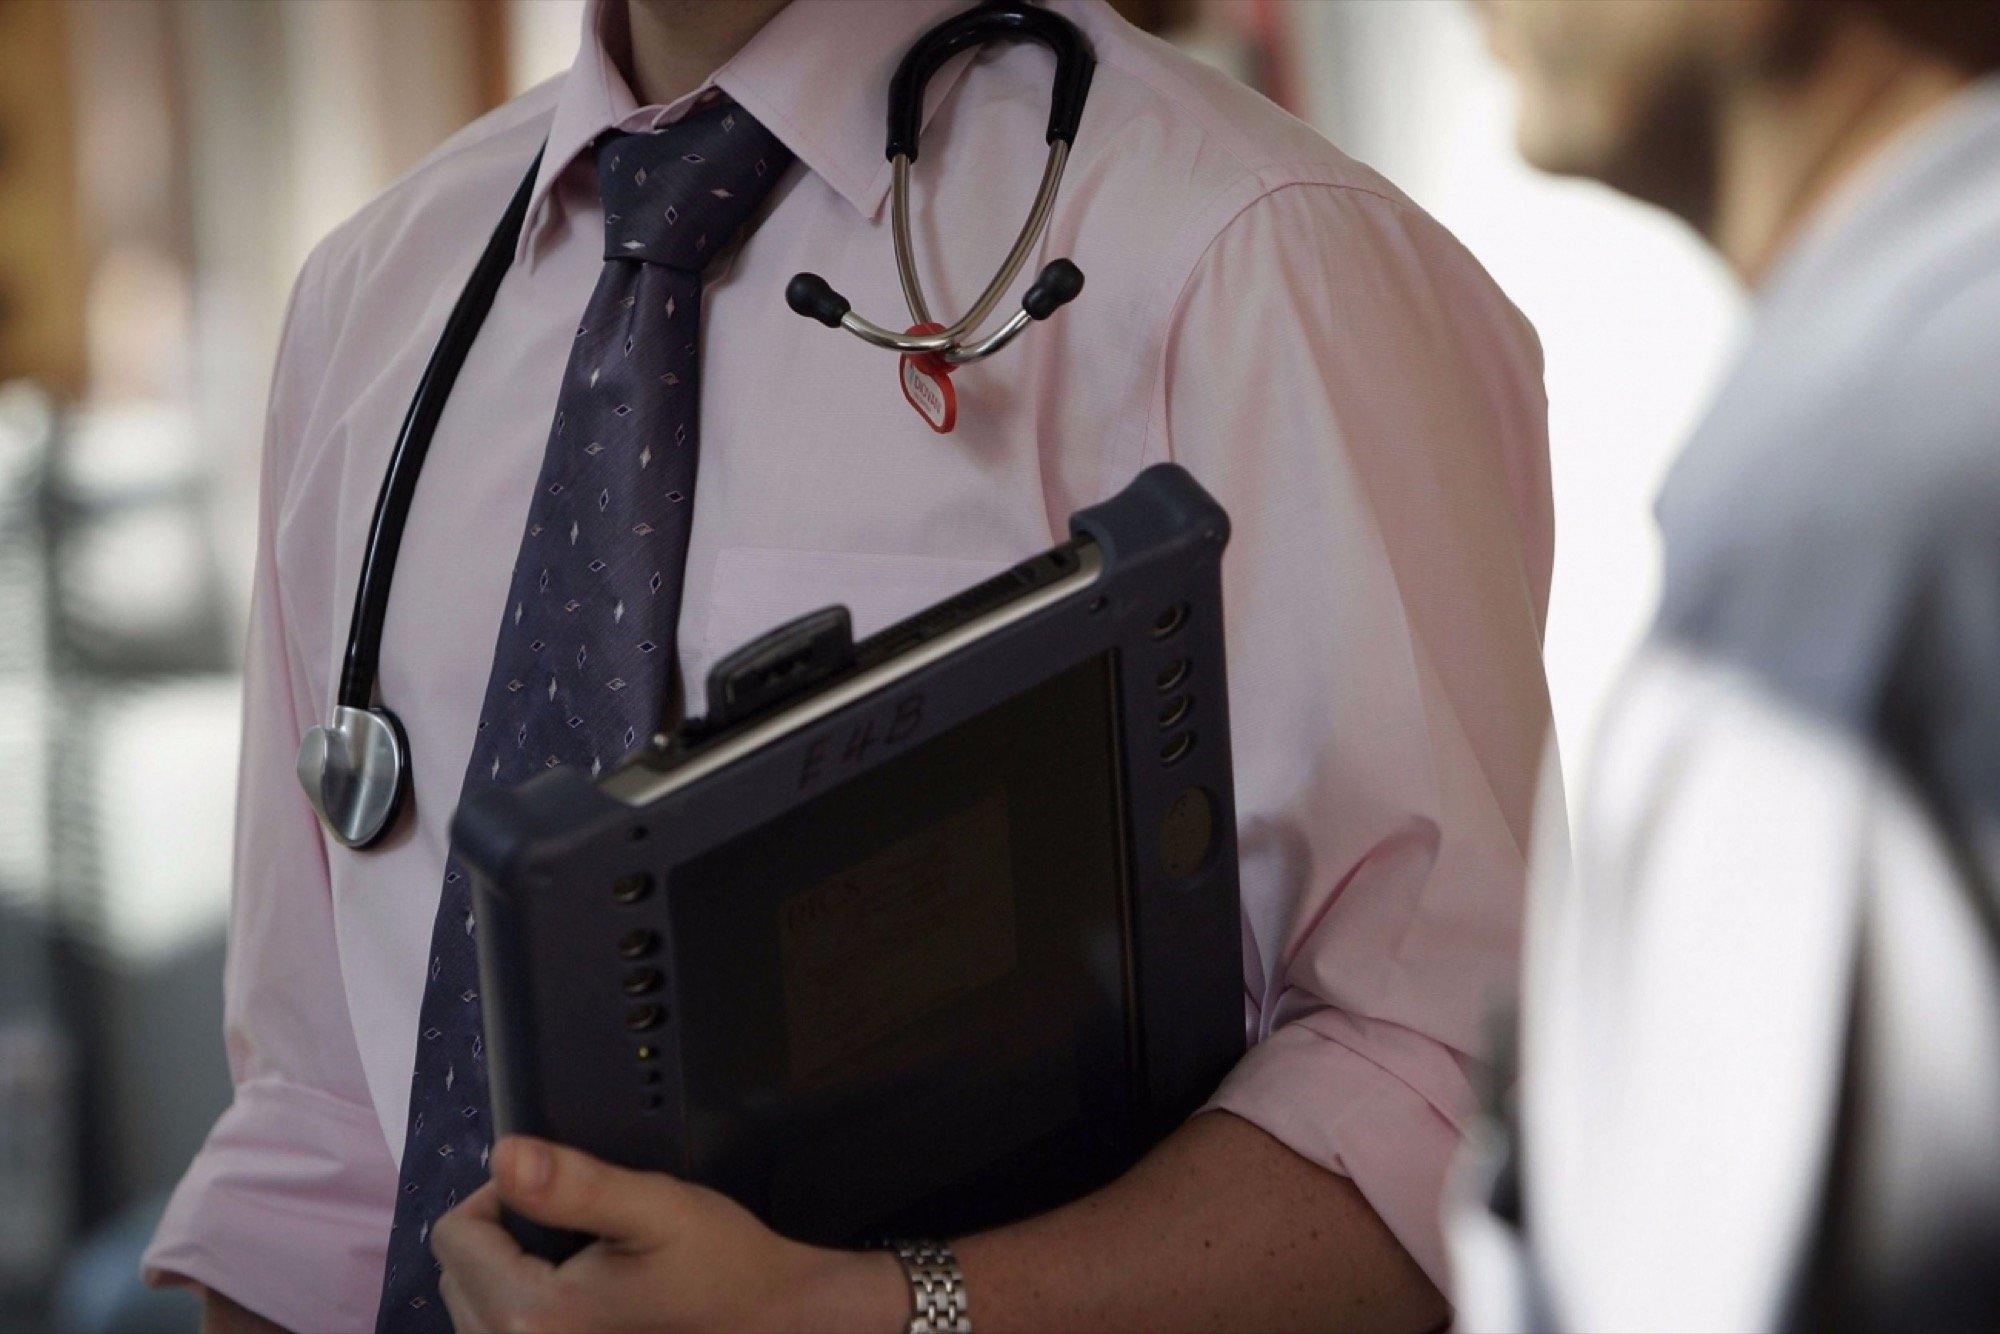 医疗保健专营权可能正是医生所订购的